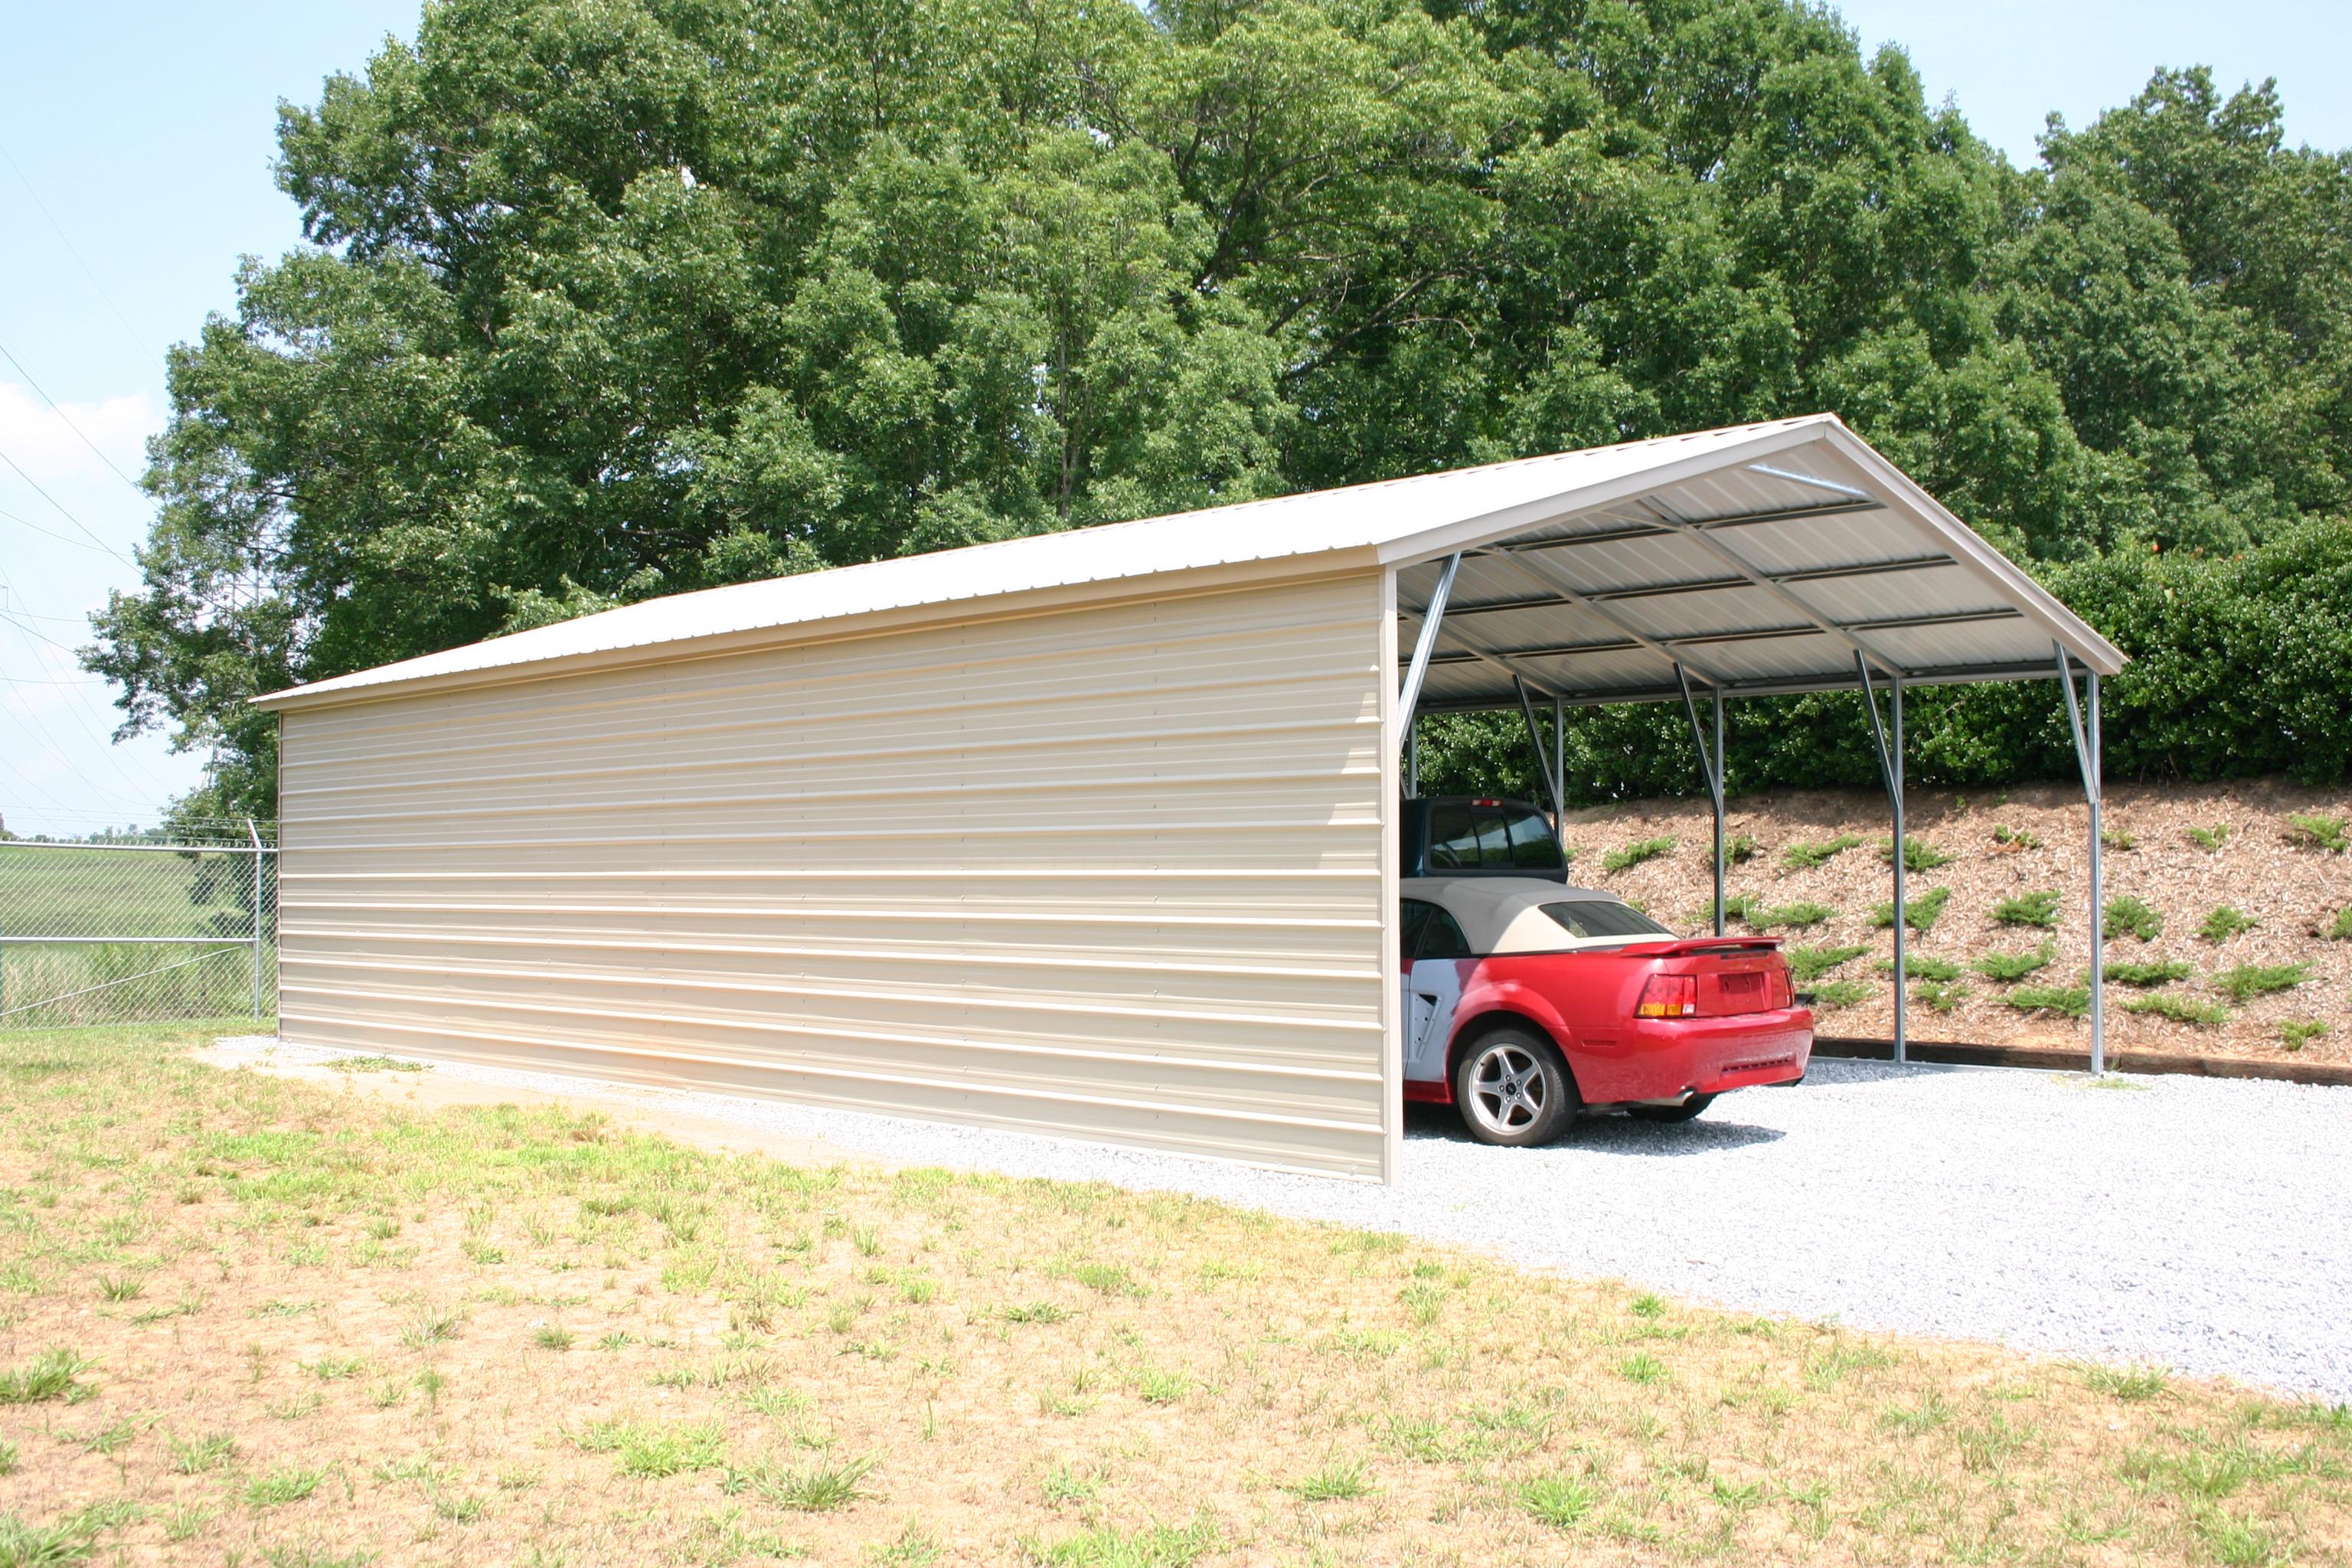 Vertical Roof Carport